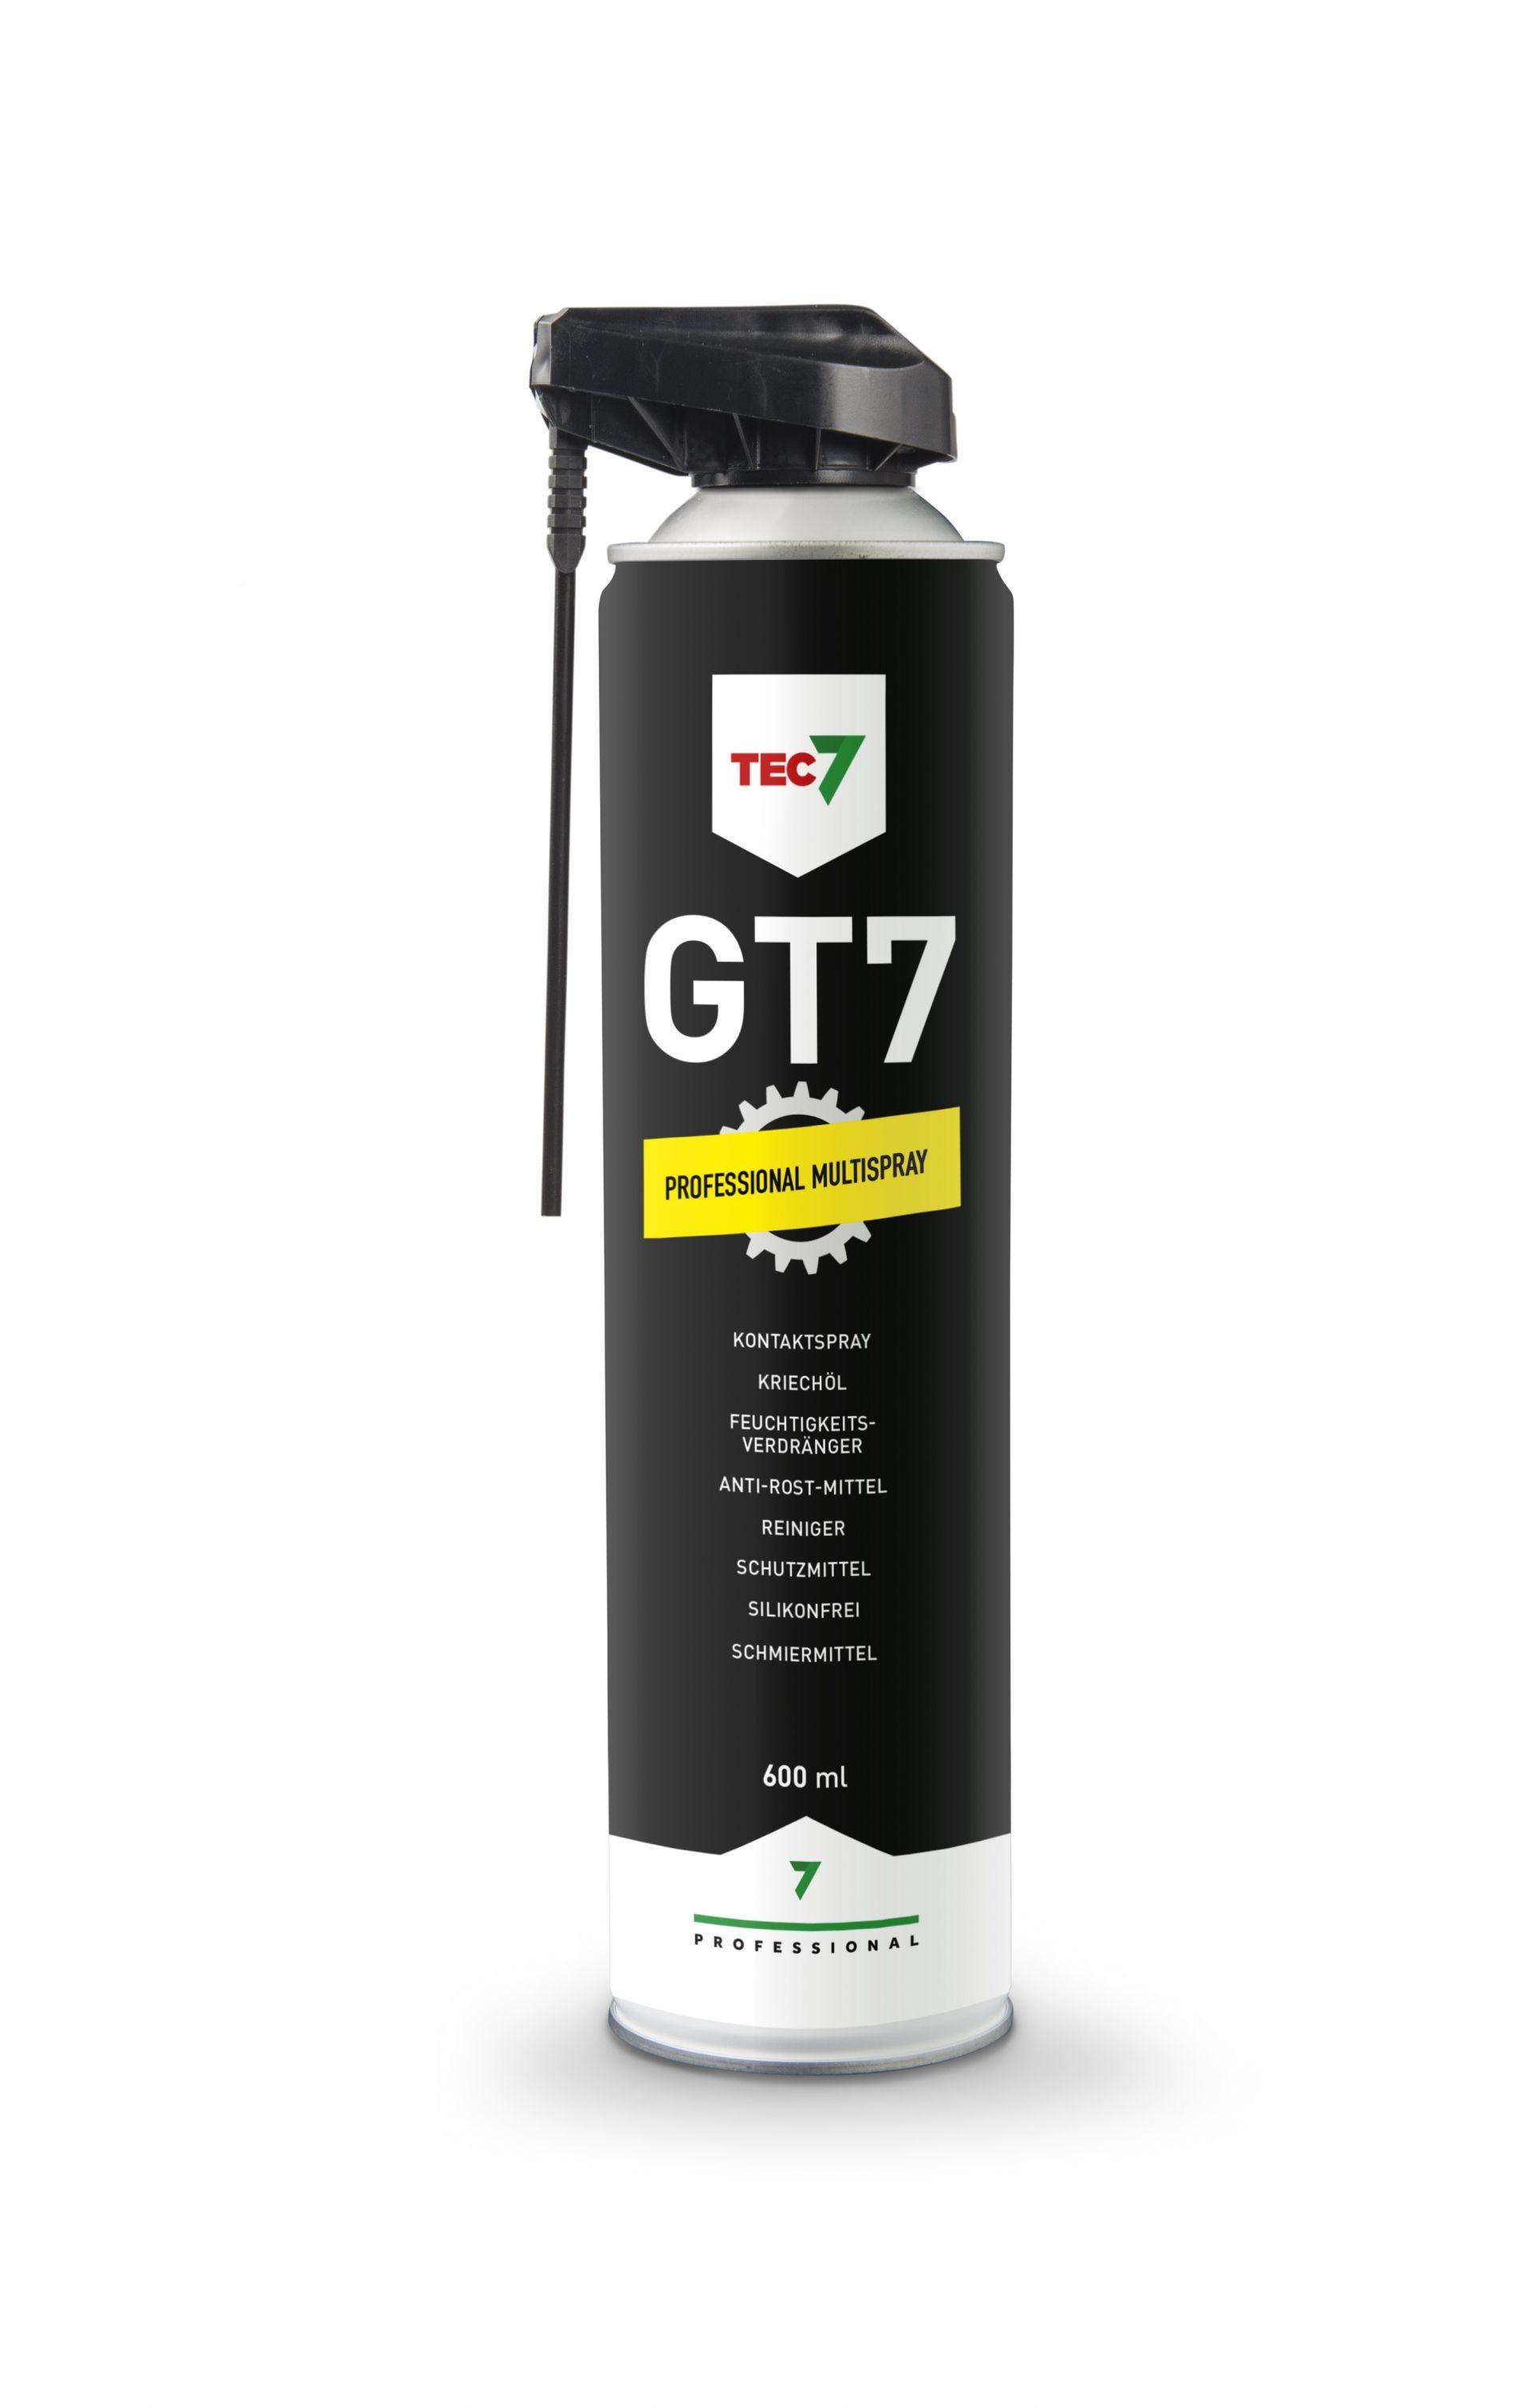 T7 - Reiniger, Schutzmittel, Feuchtigkeitsverdränger, Kontaktspray